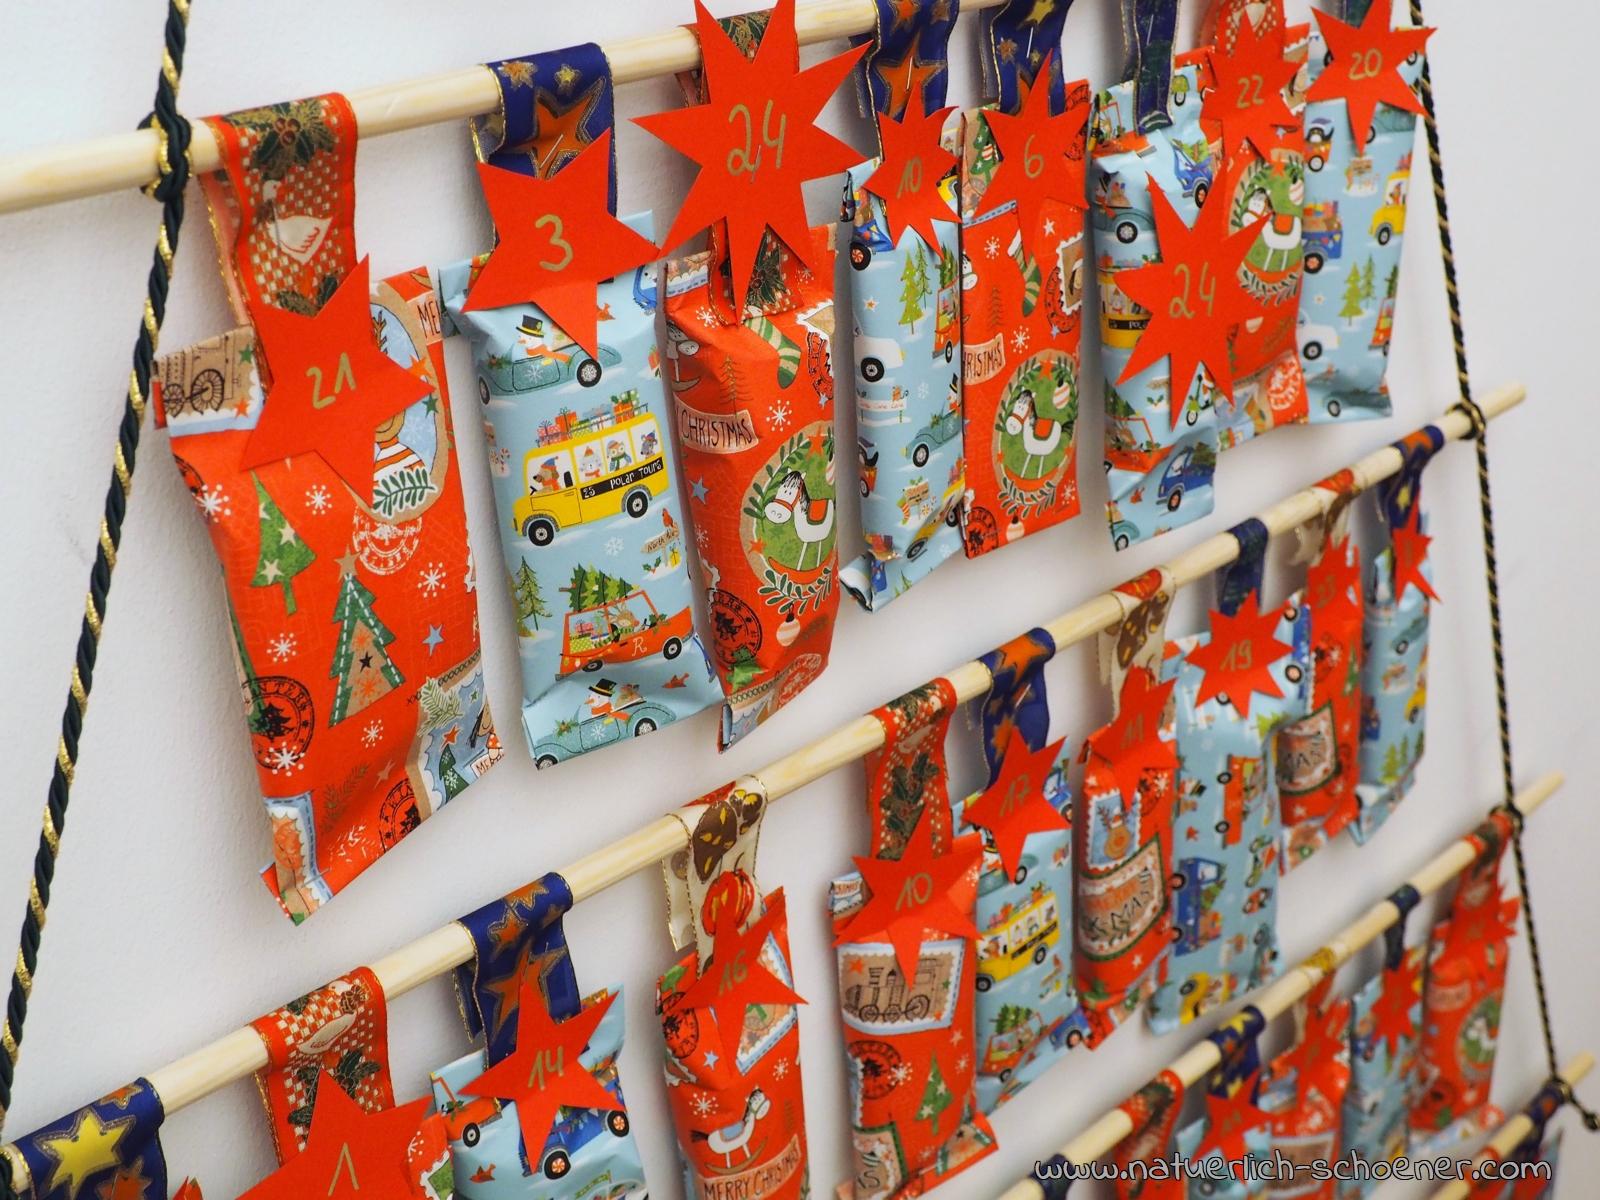 Diy Adventkalender Für Kinder – Ganz Einfach Und Schnell ganzes Adventskalender Selber Machen Kinder